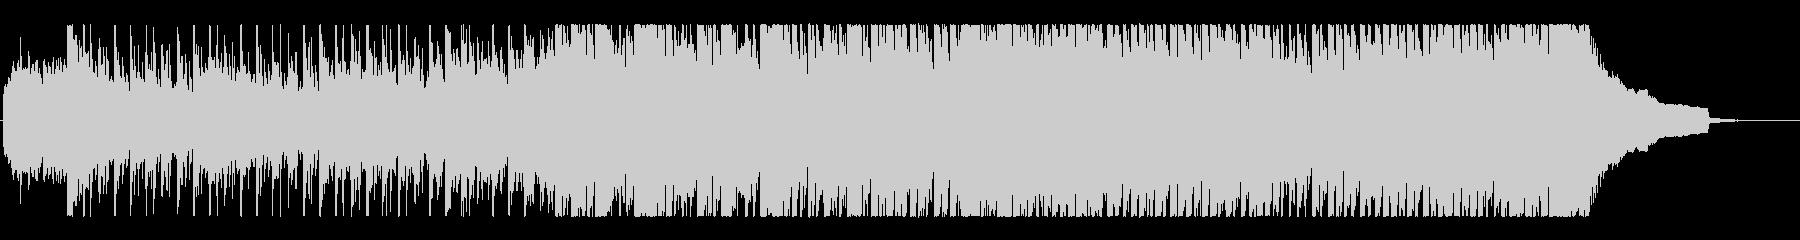 爽やかでスピード感のあるBGMの未再生の波形